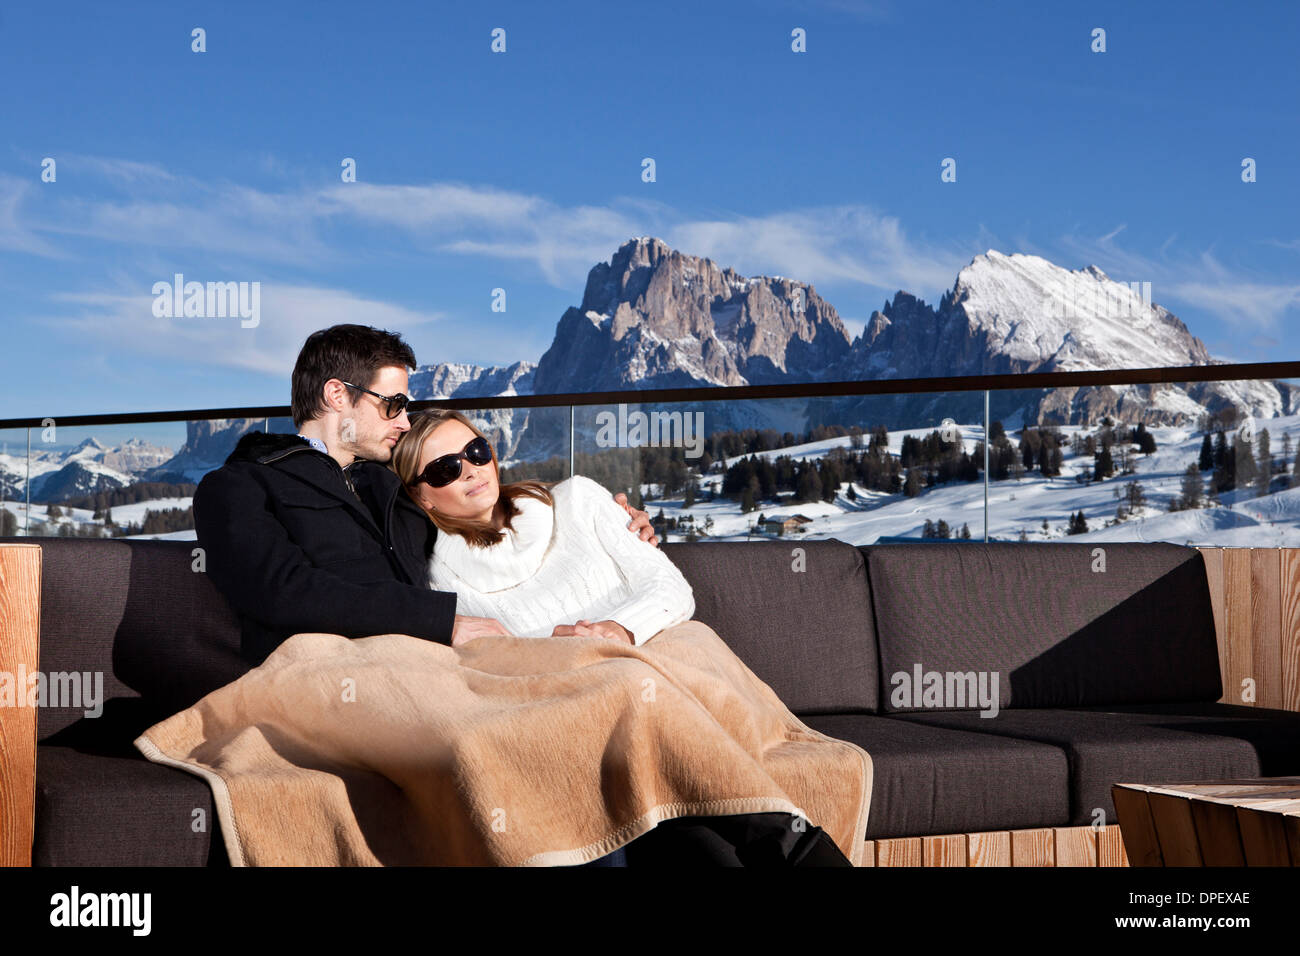 Mann und Frau sitzen auf einer Couch im Freien, Seiser Alm, Südtirol, Italien Stockbild